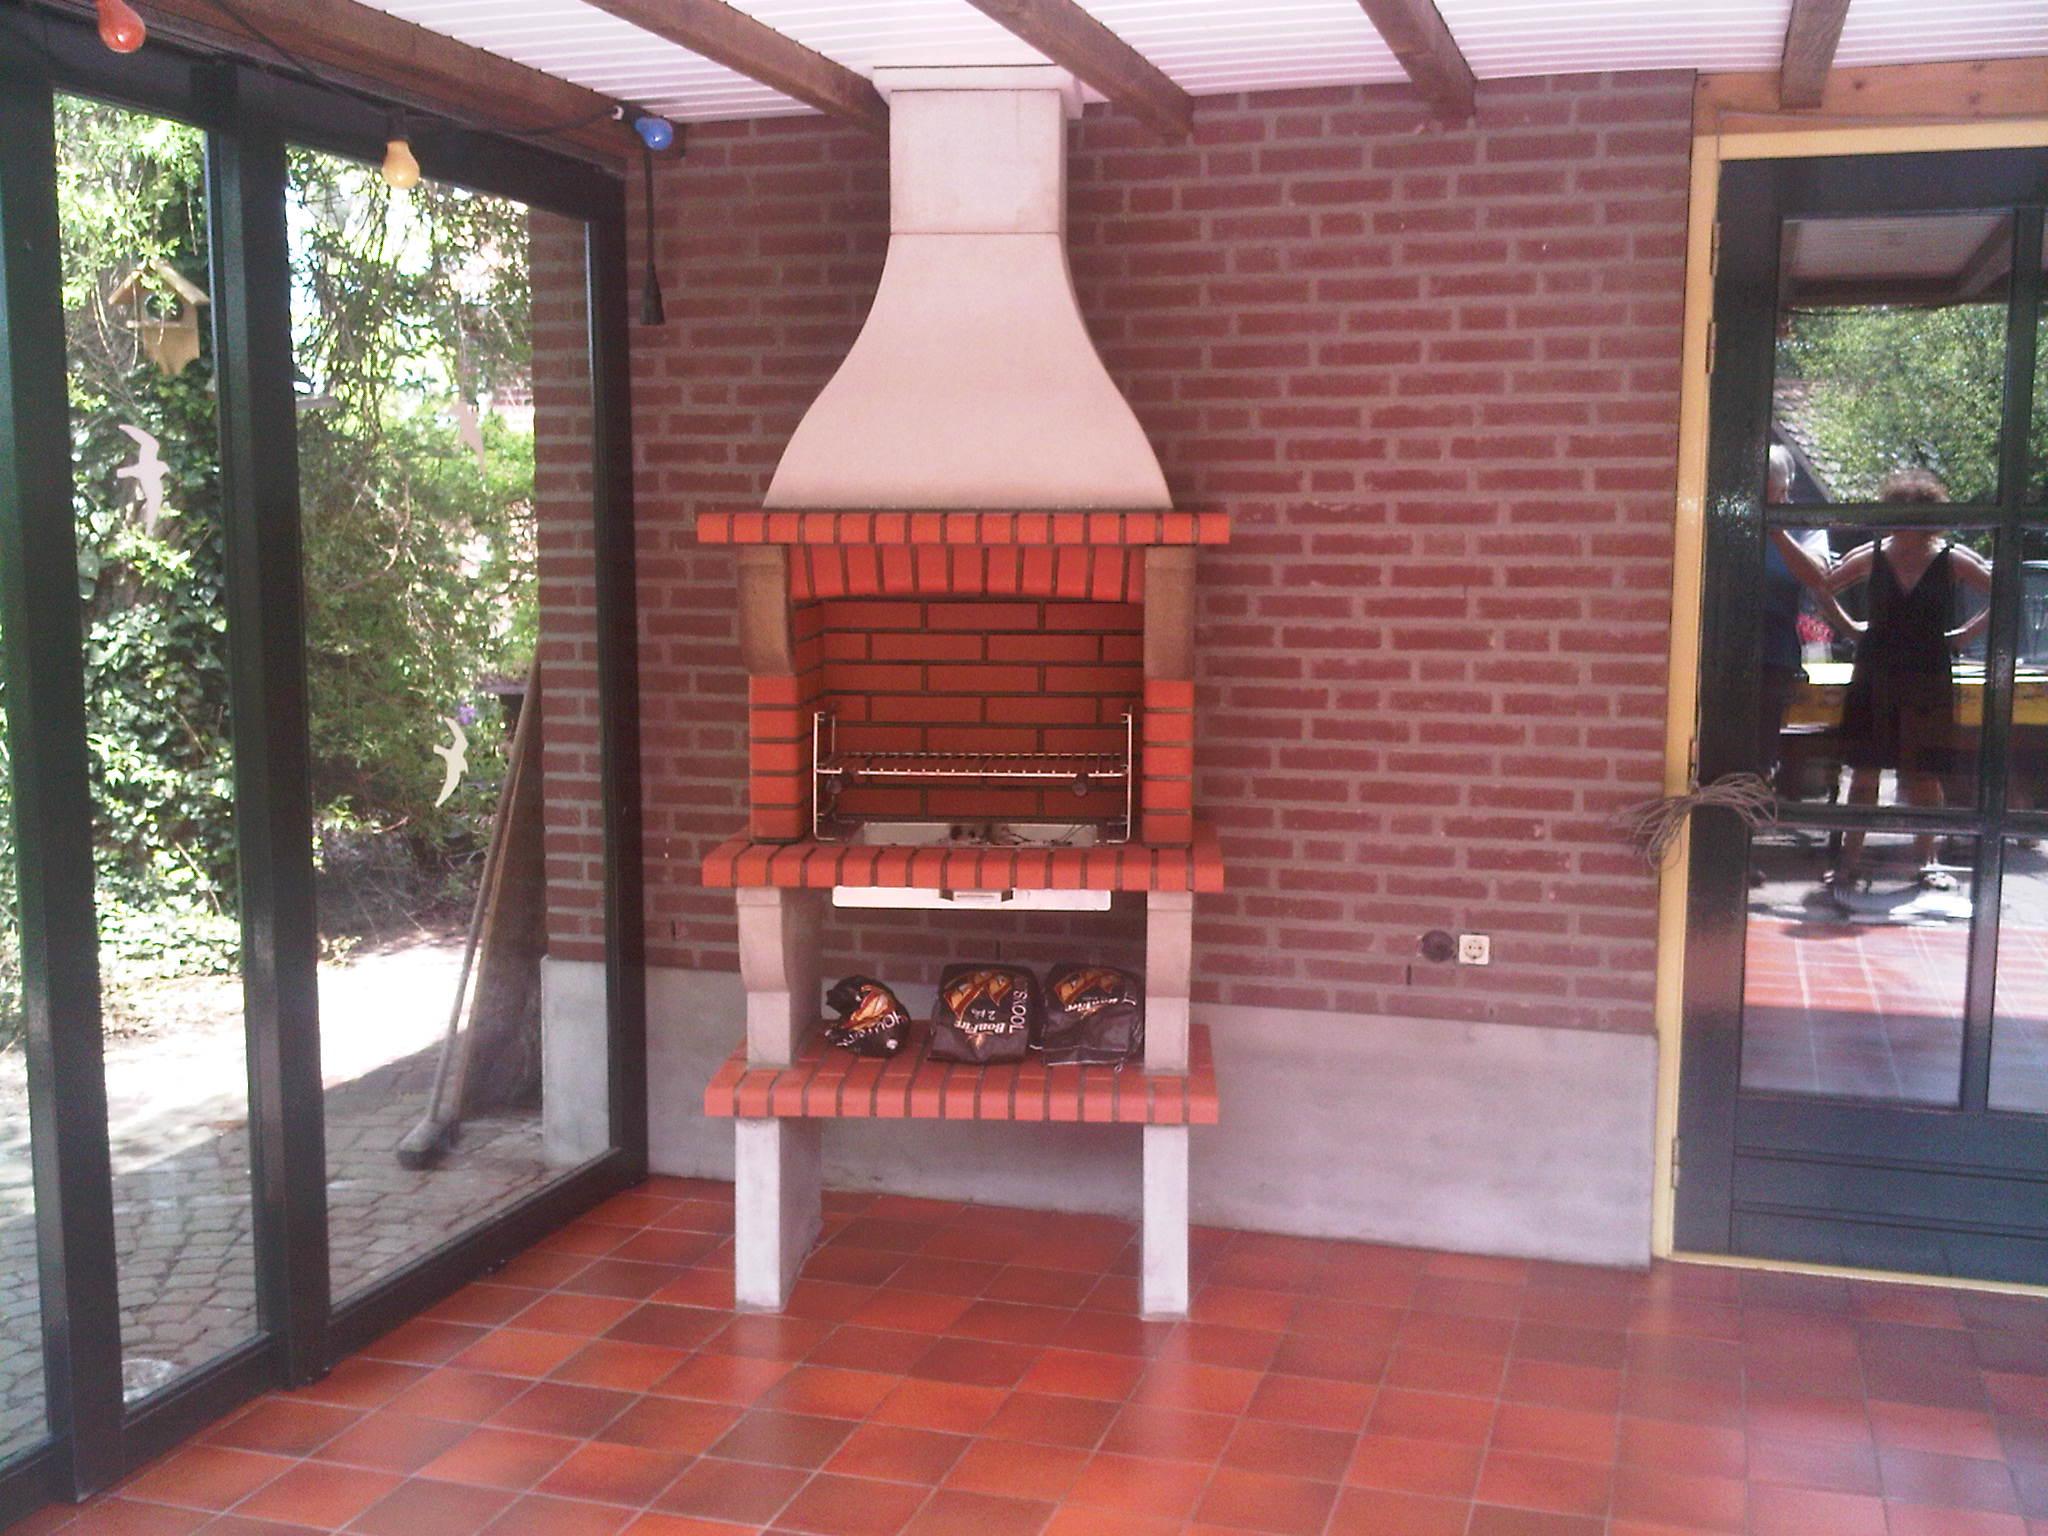 Evora 02, steen kleur Rood, met grillset G14 RvS inbouw. haard is in serre geplaasts, rookkanaal middels pijp door dak.